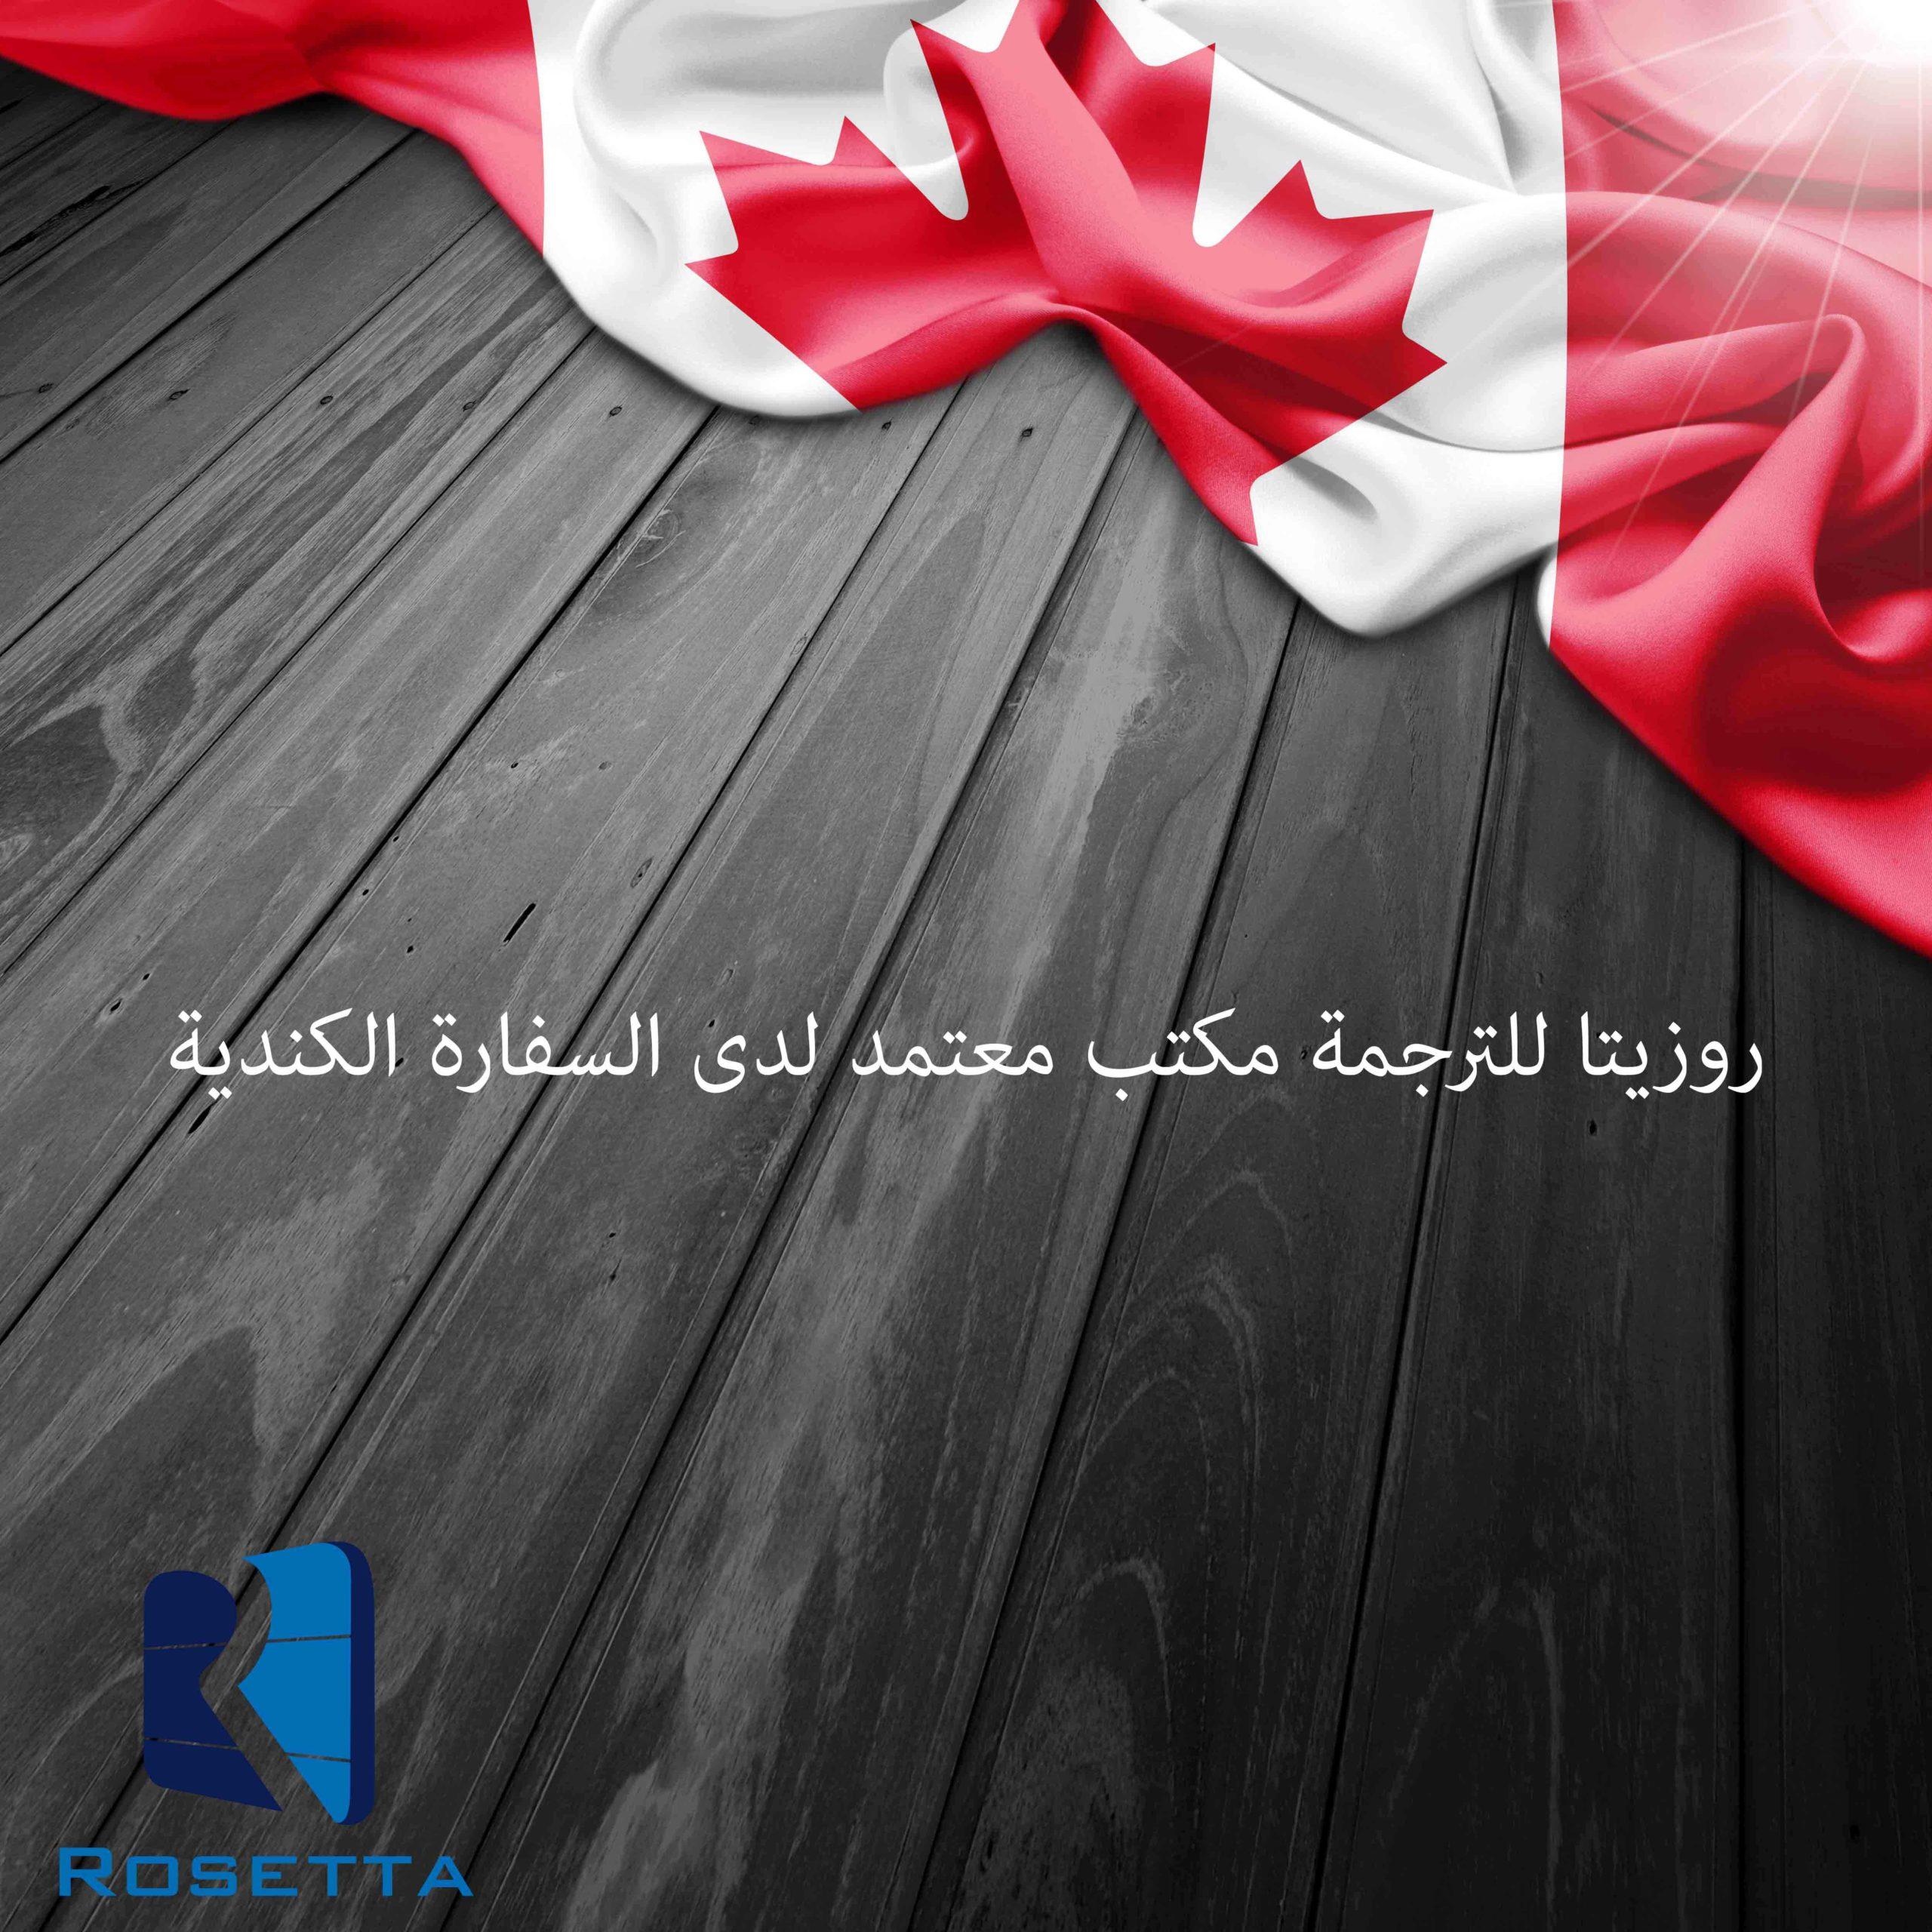 روزيتا للترجمة مكتب معتمد لدى السفارة الكندية